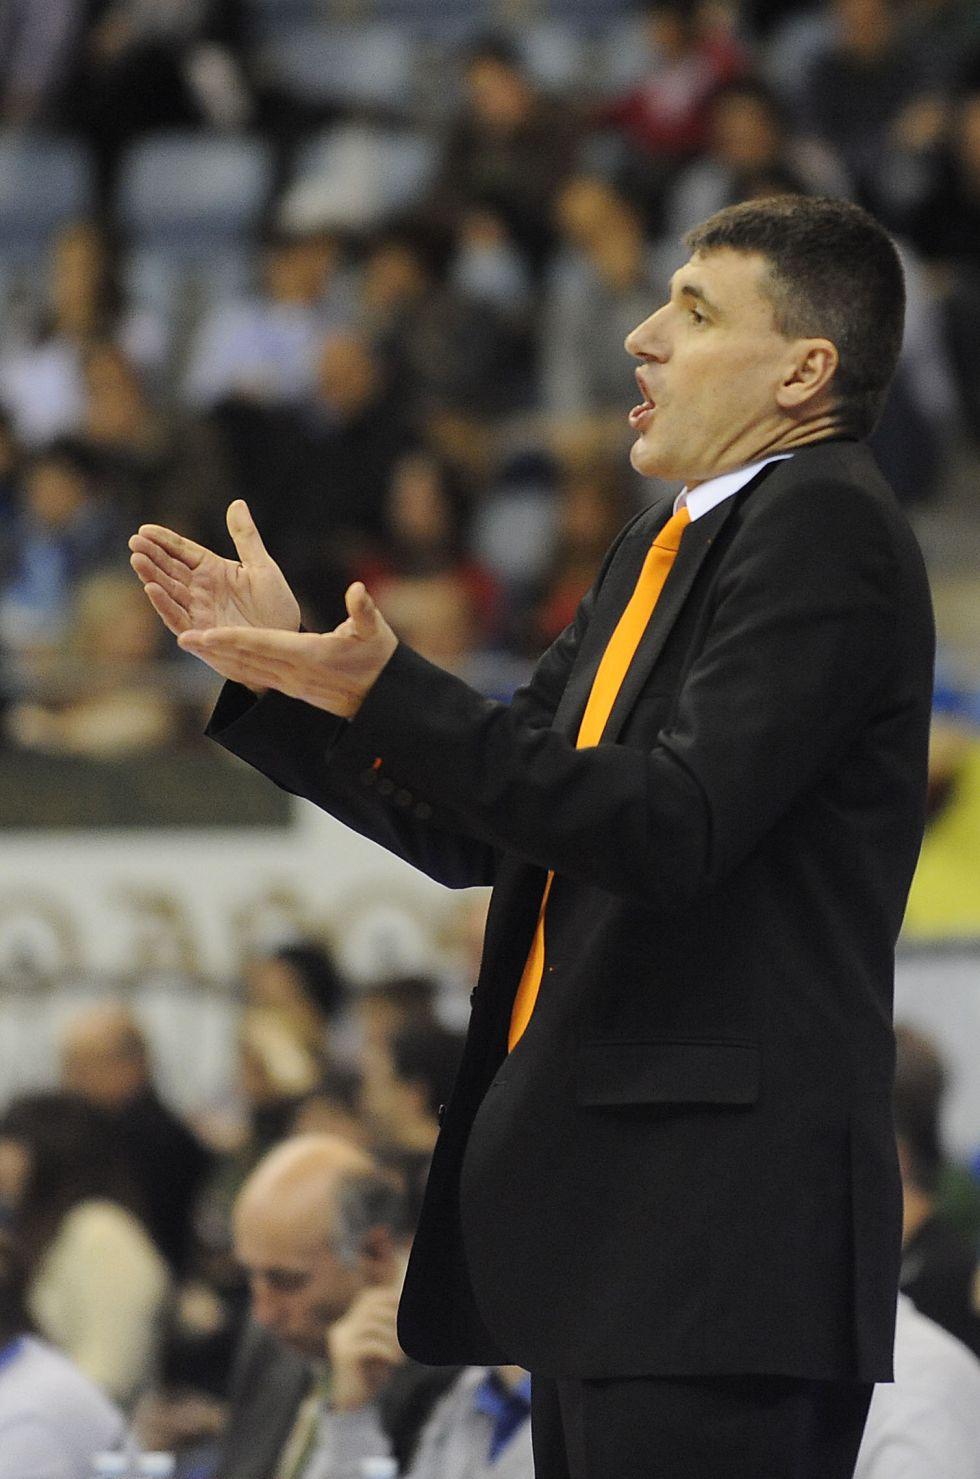 El Valencia Basket obligado a ganar un partido al Uxue Bilbao